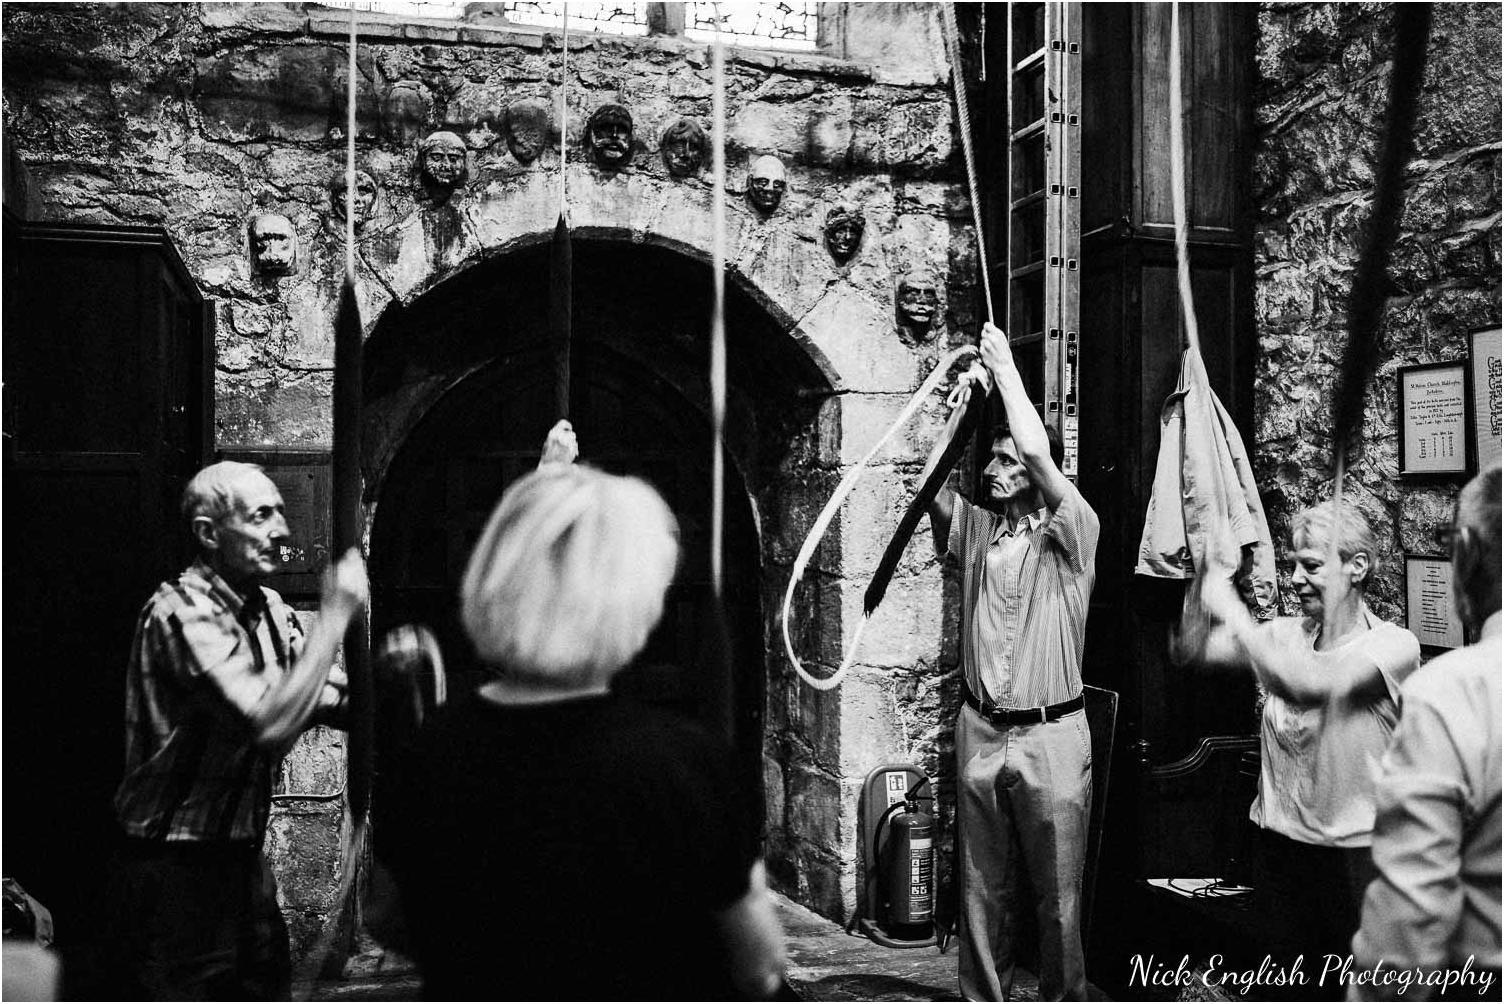 Browsholme_Hall_Barn_Wedding_Nick_English_Photography-32.jpg